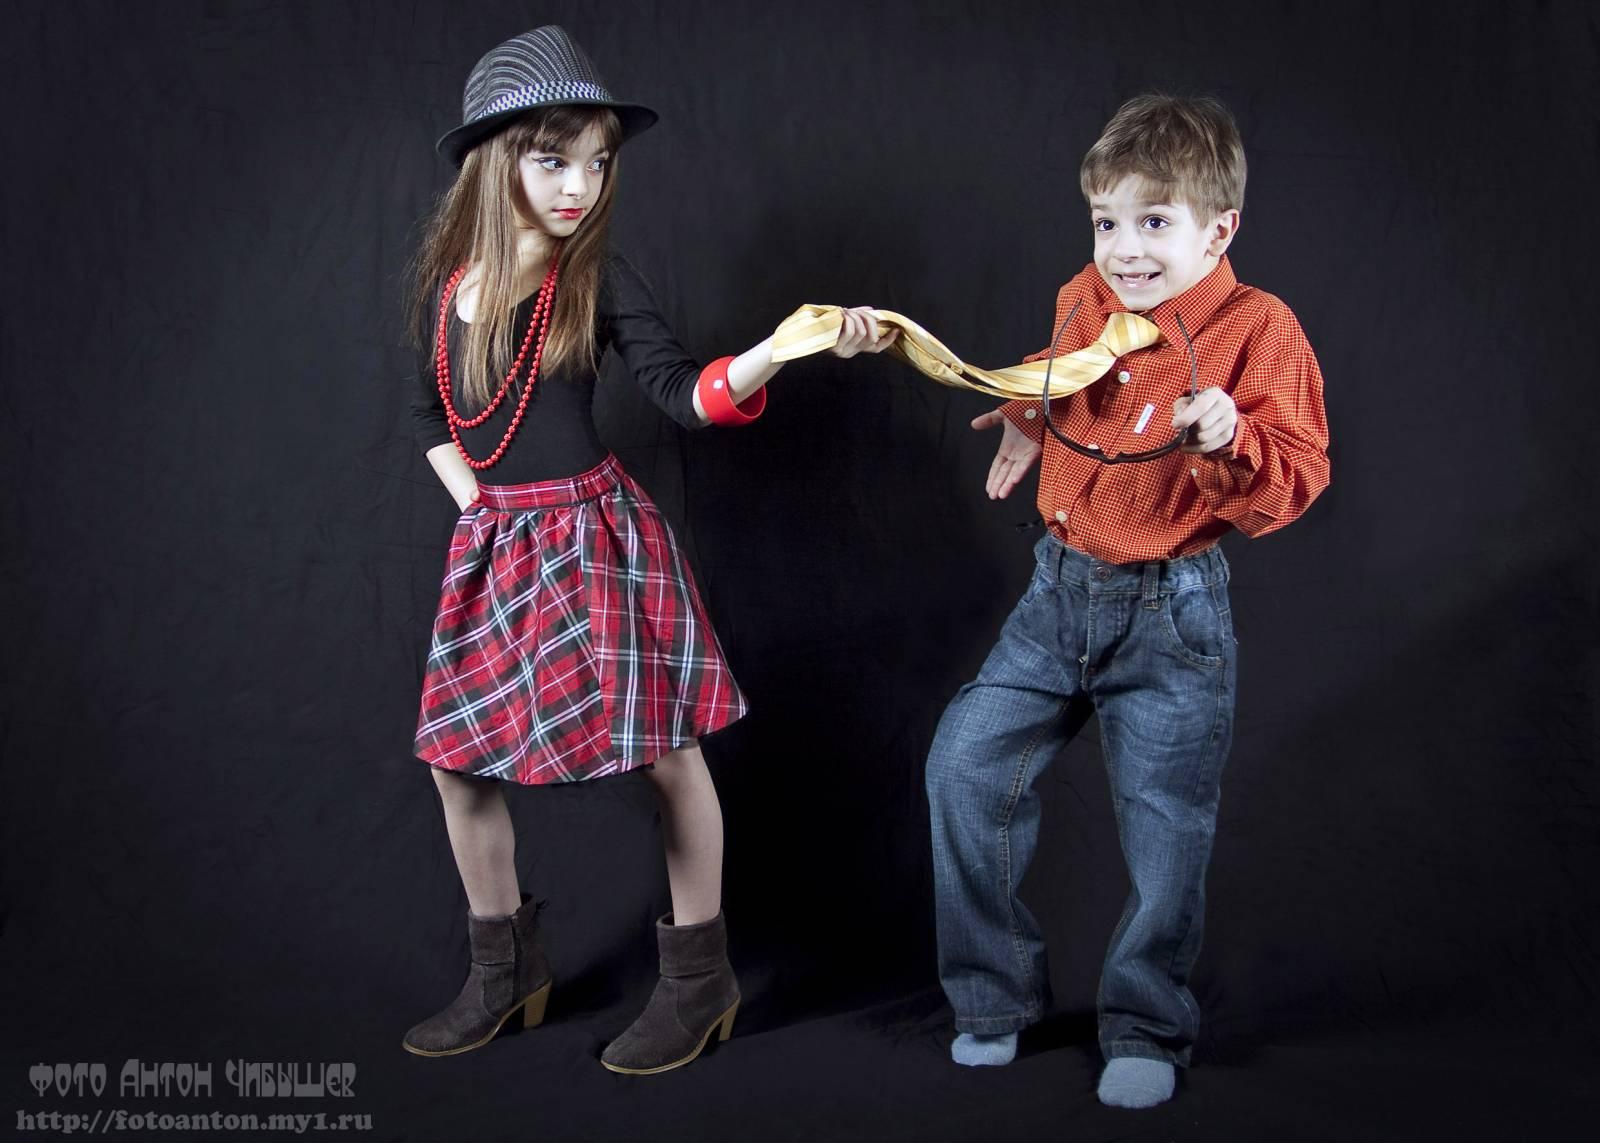 Кастинги для ребенка по фото родителей